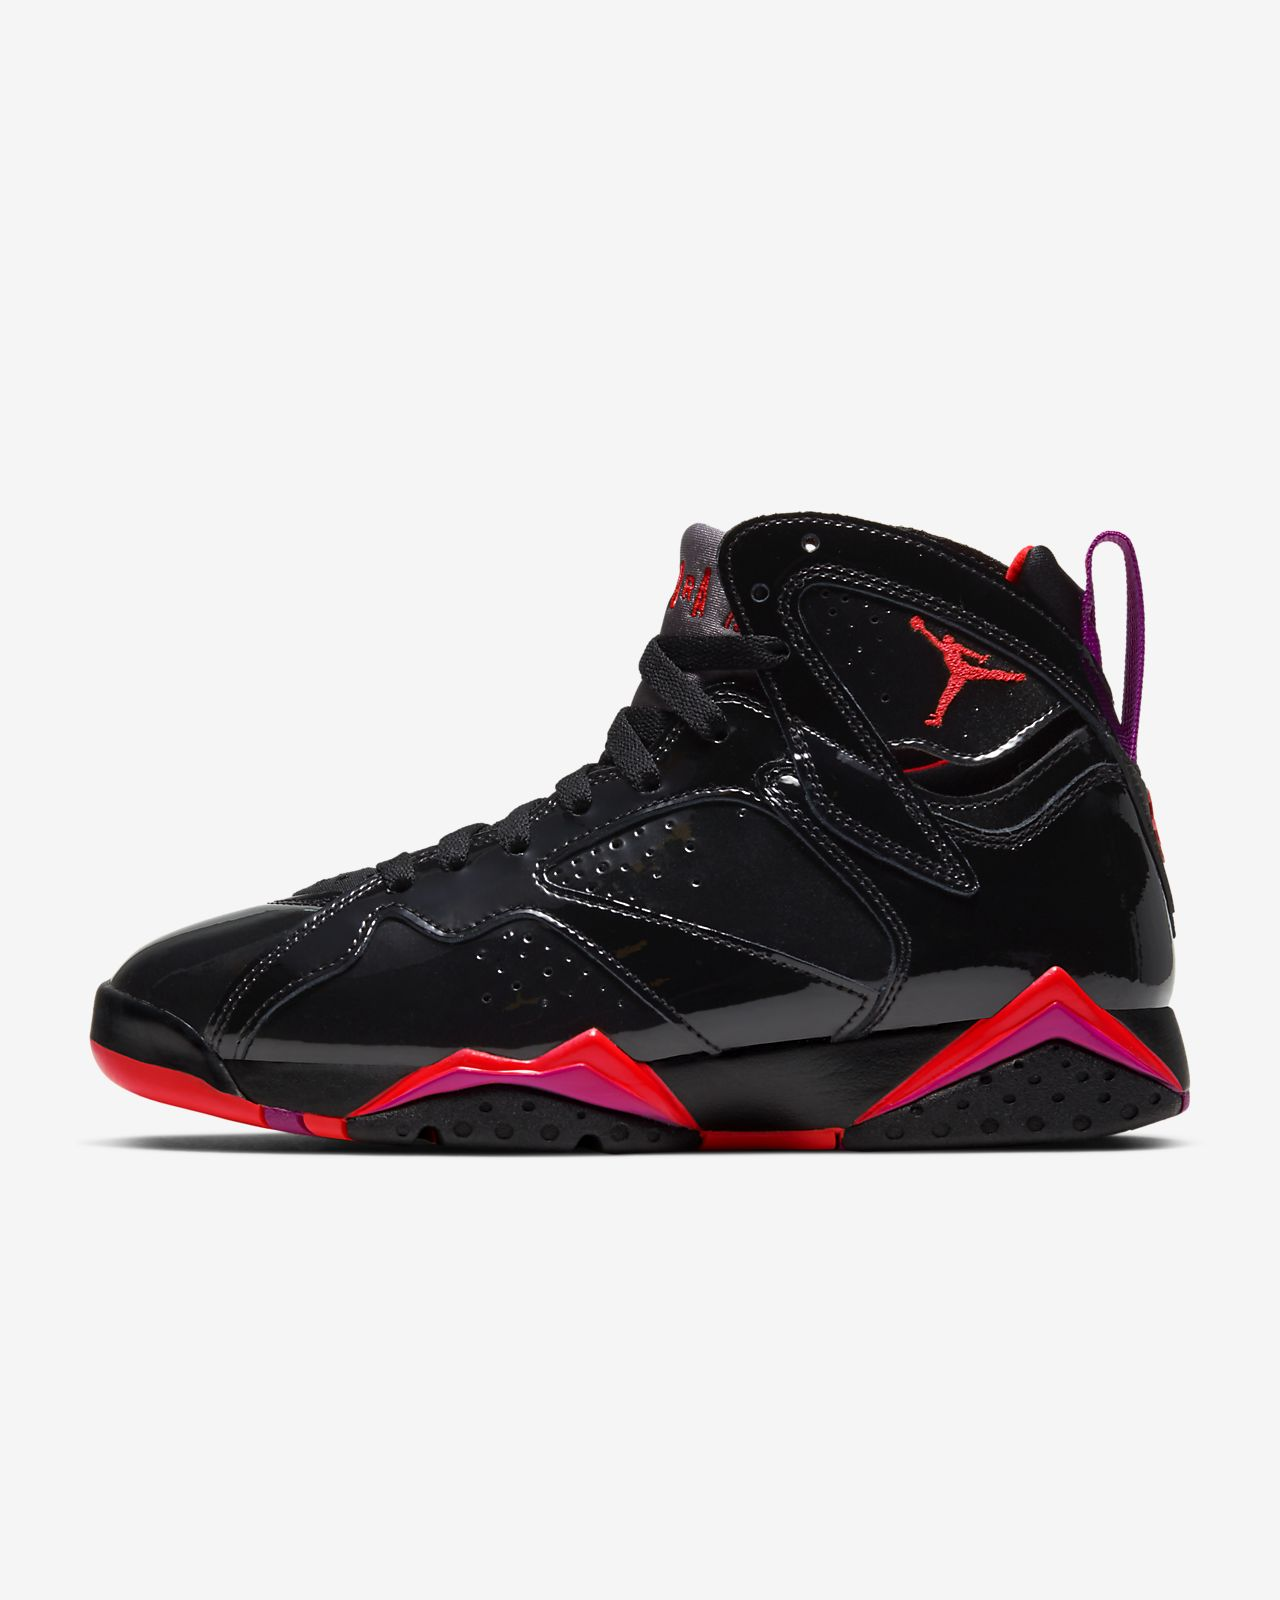 รองเท้าผู้หญิง Air Jordan 7 Retro